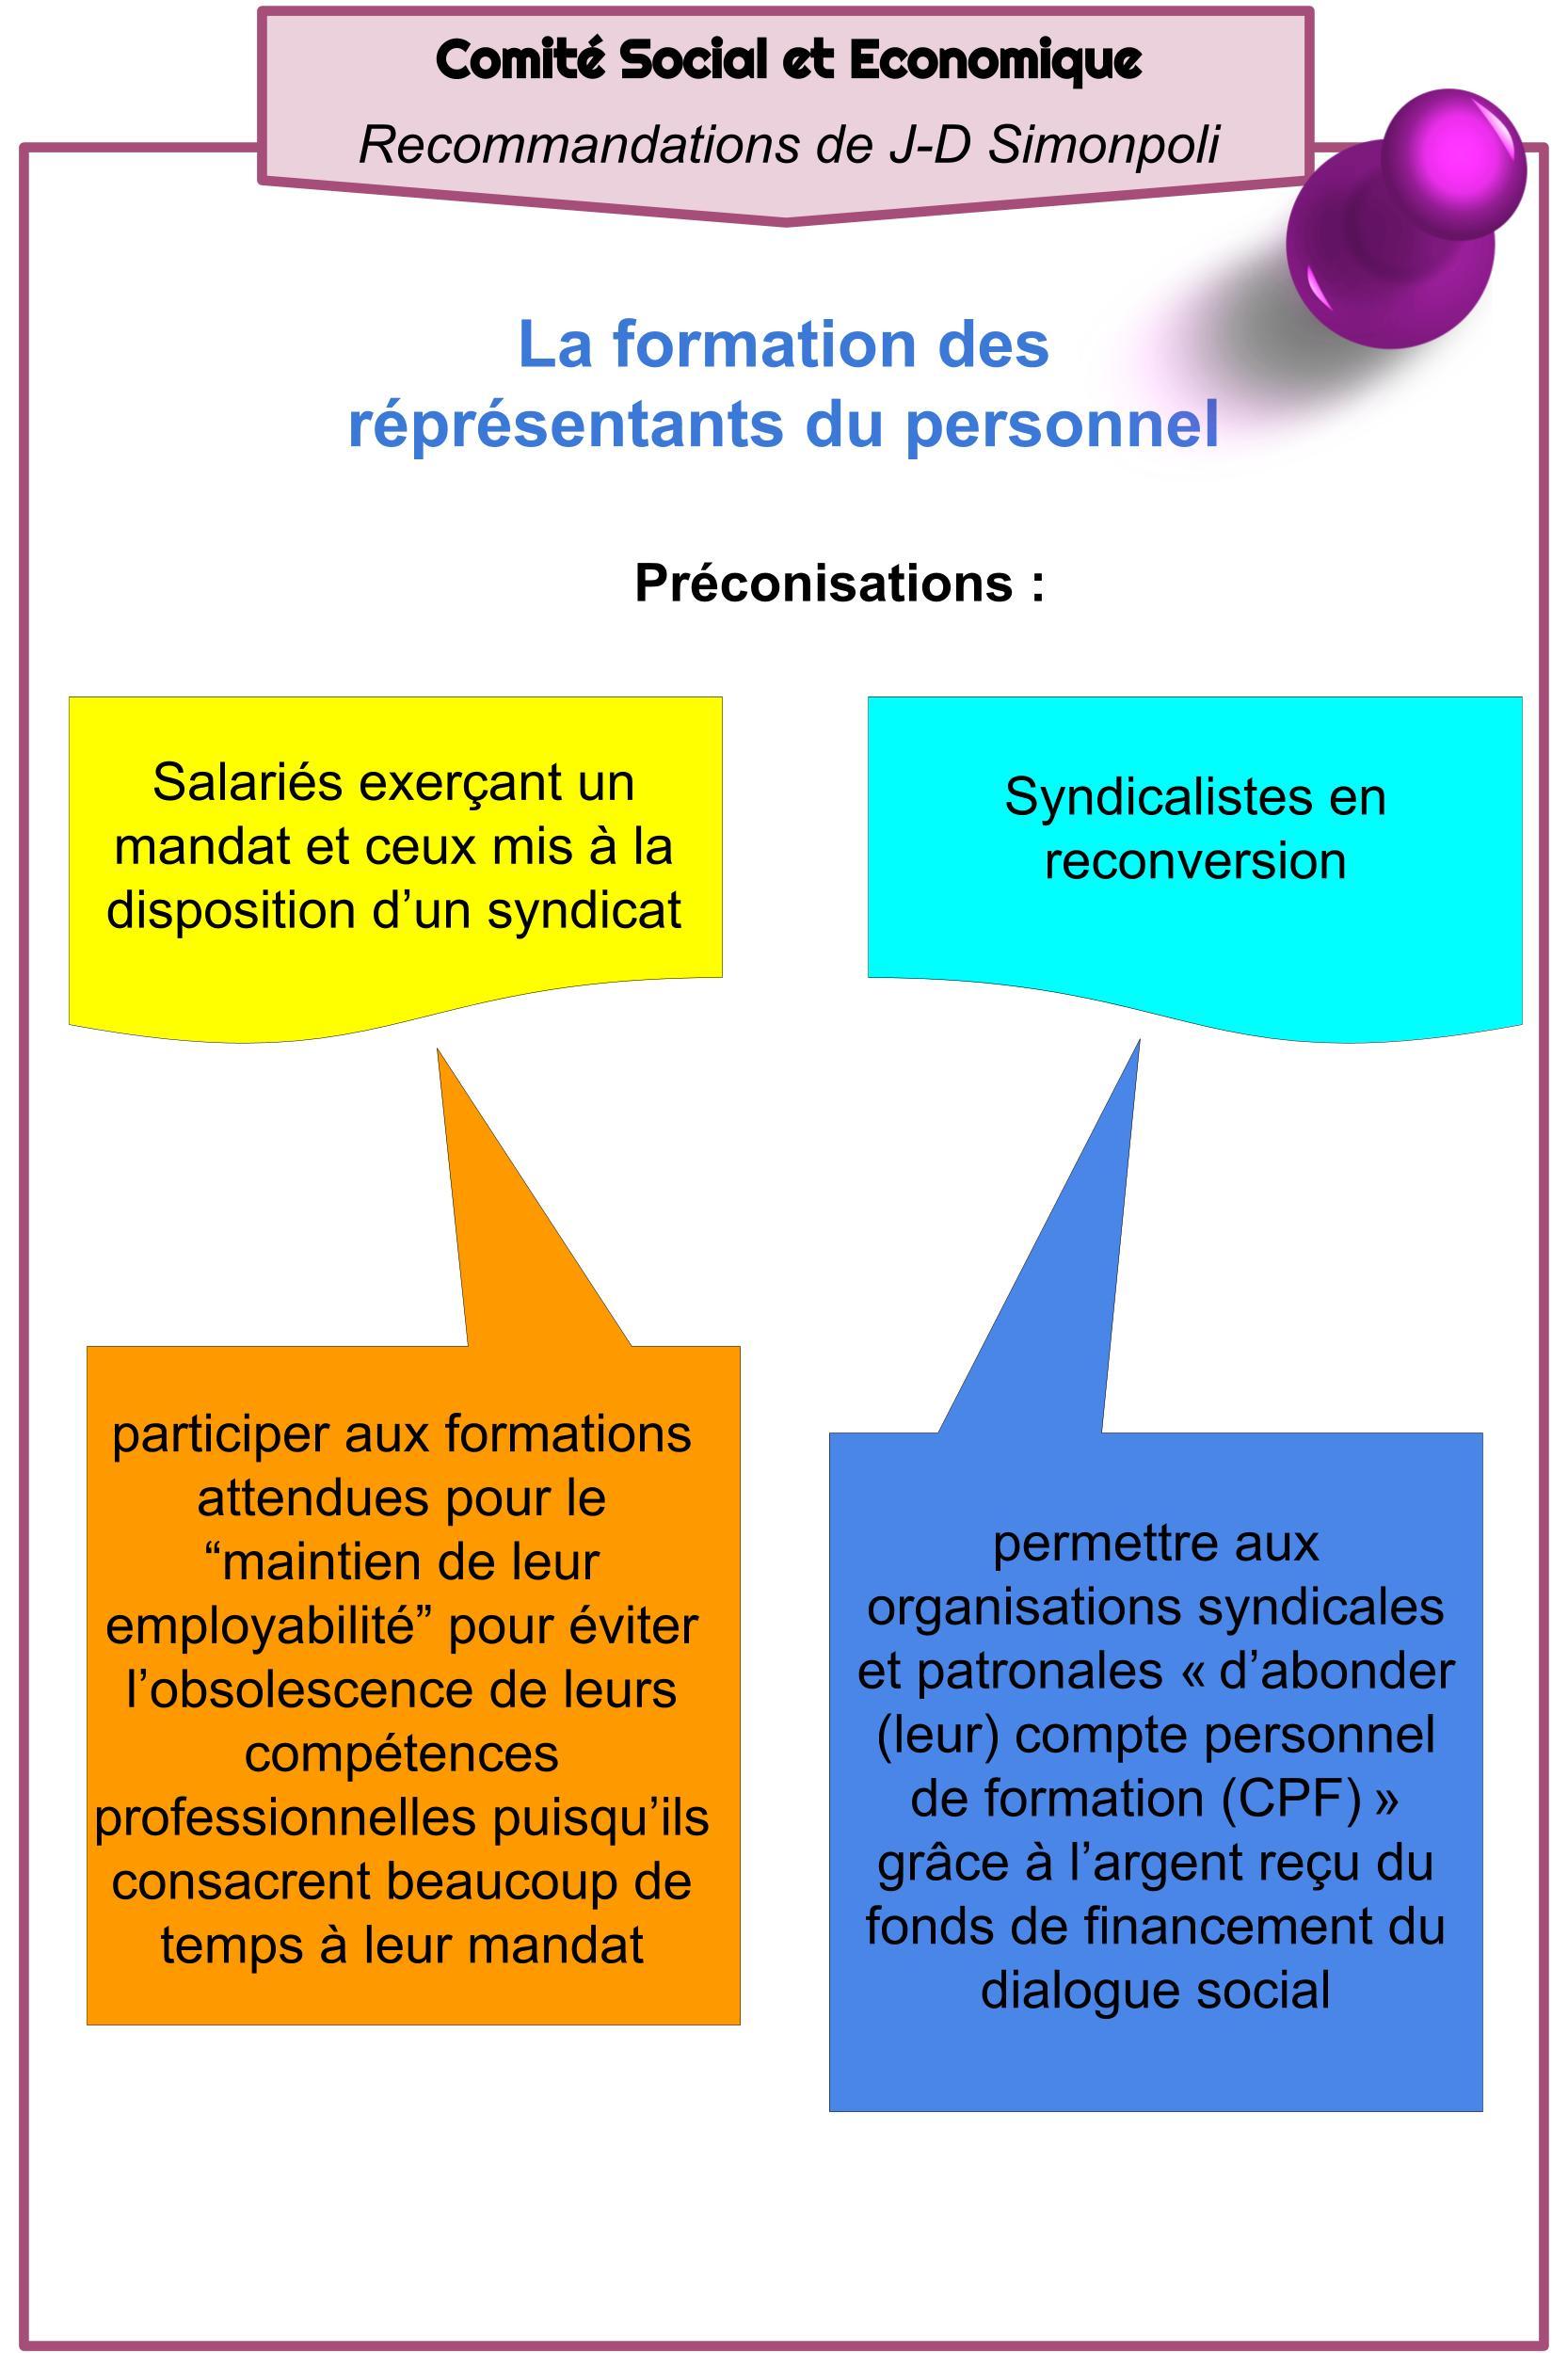 Comité Social et Economique -  Les recommandations de J-D Simonpoli